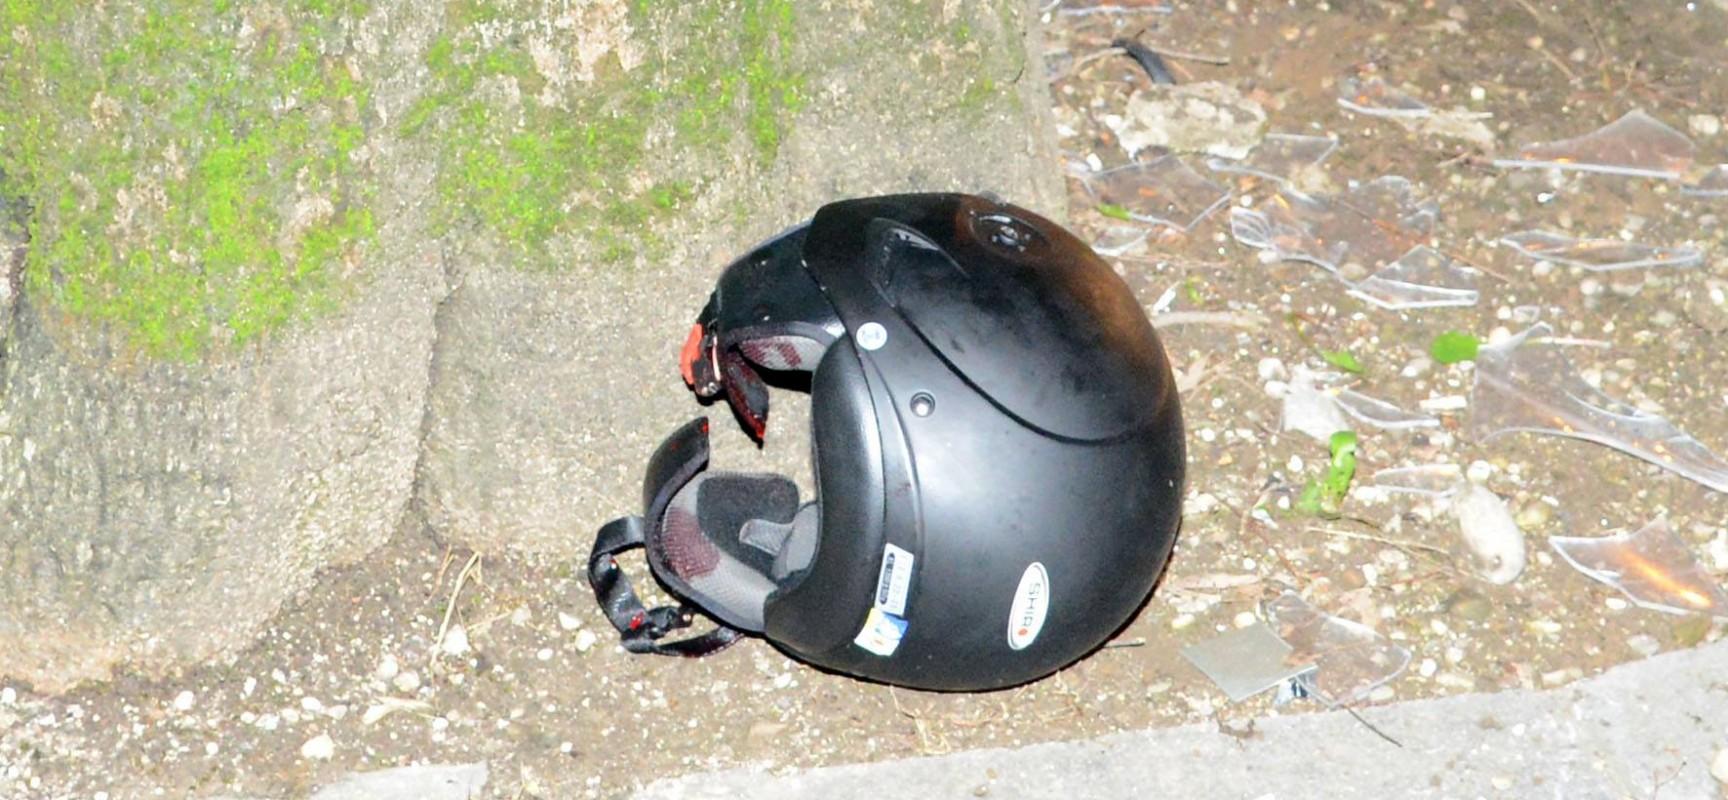 Scontro tra autovettura e ciclomotore su Via G. Bovio, gravi le condizioni del conducente del mezzo a due ruote